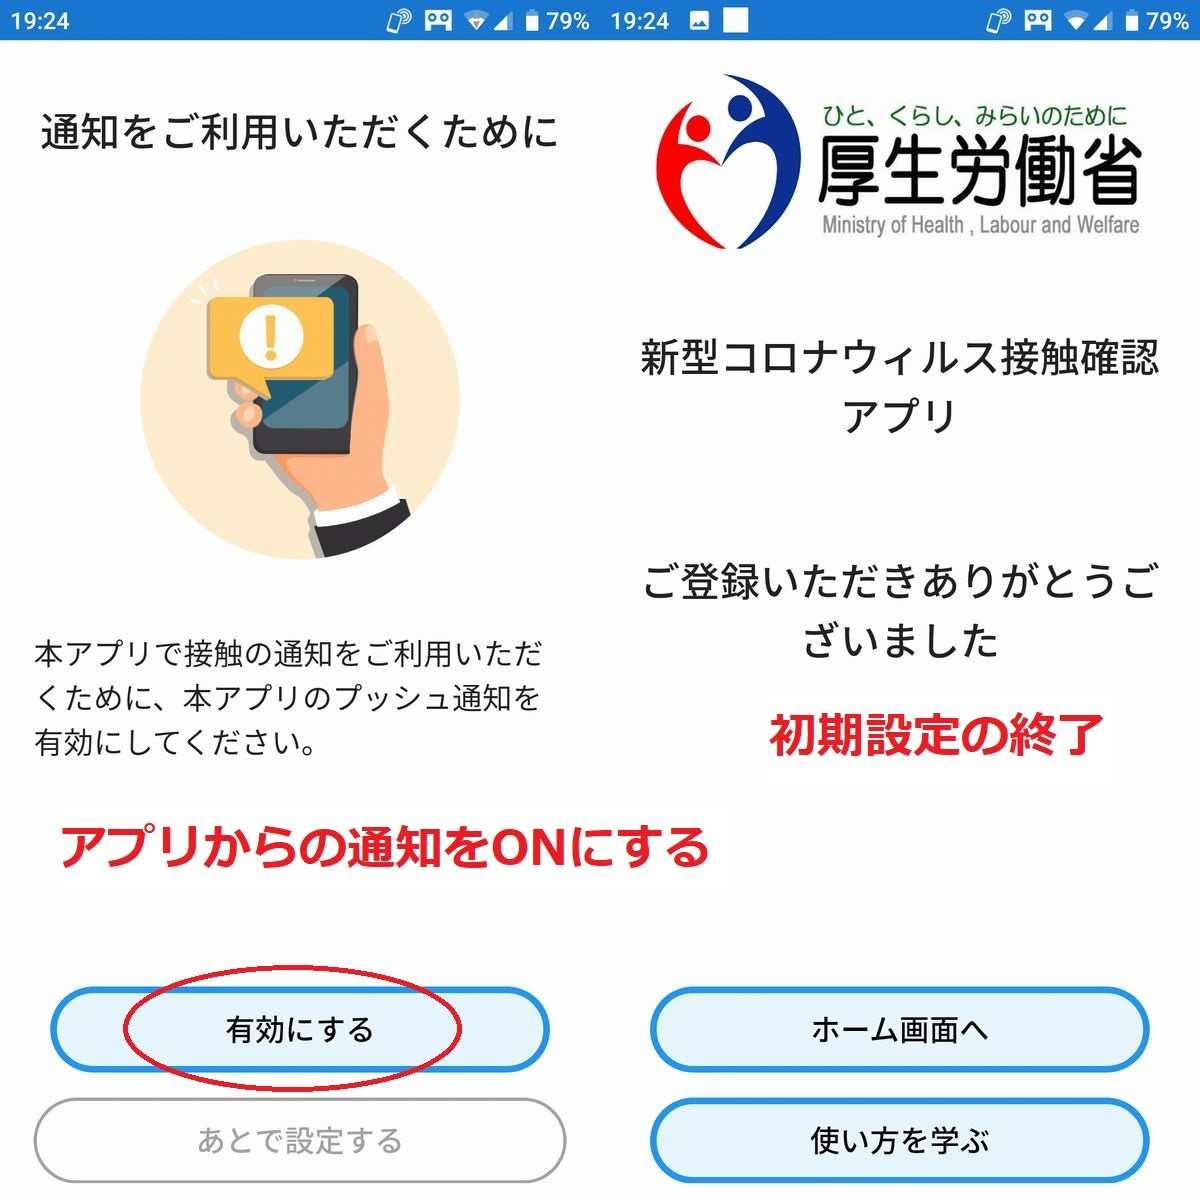 接触確認アプリの初期設定画面